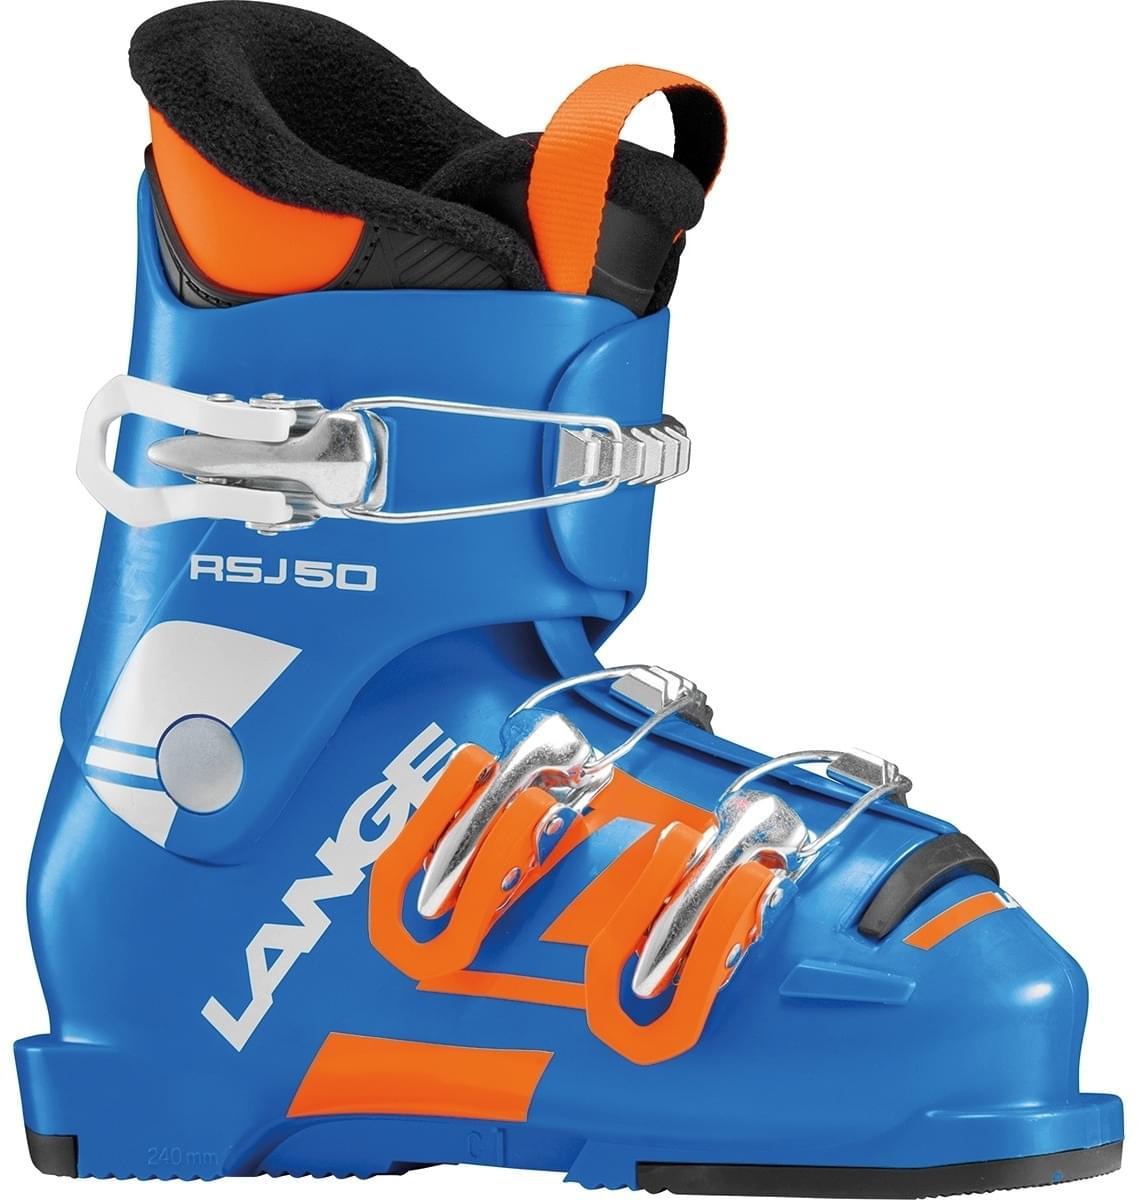 Dětské lyžařské boty Lange RSJ 50 - power blue - Skibi Kids 6b9085983a